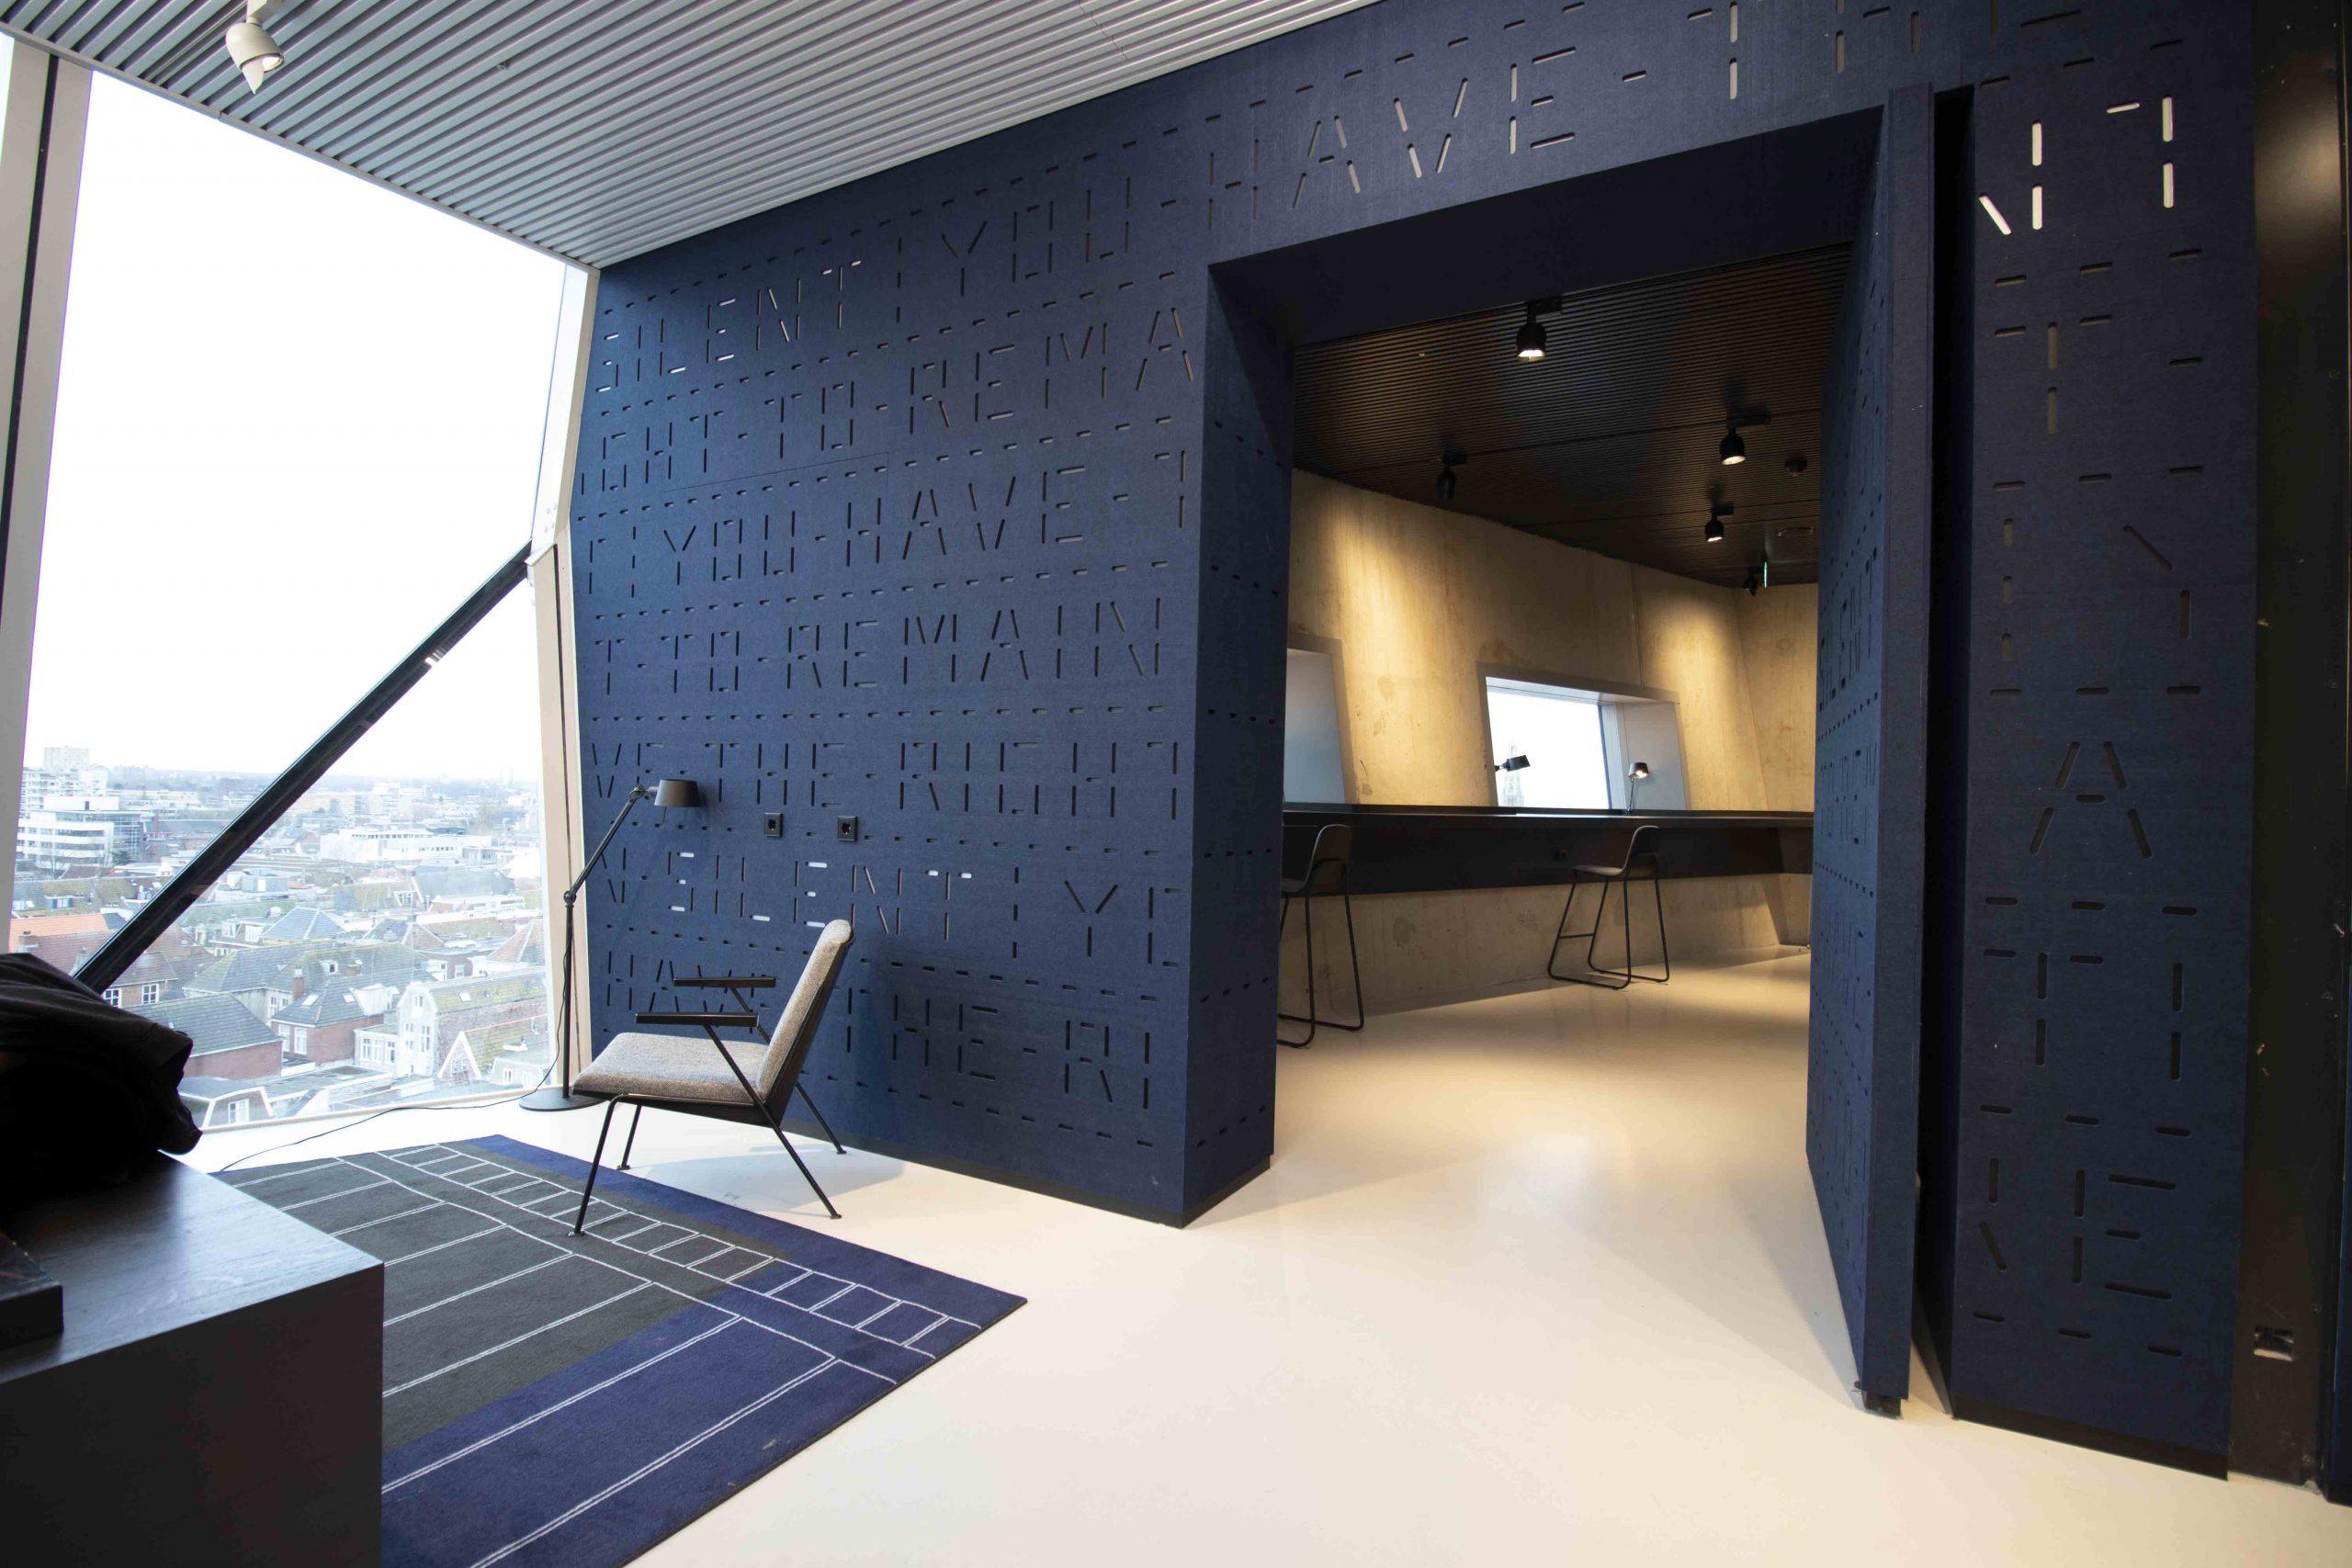 2481-forum-groningen-soundproof-pivot-doors-designed-by-pieter-bannenberg-nl-architects-fritsjurgens-pivot-hinges-inside-scaled.jpg